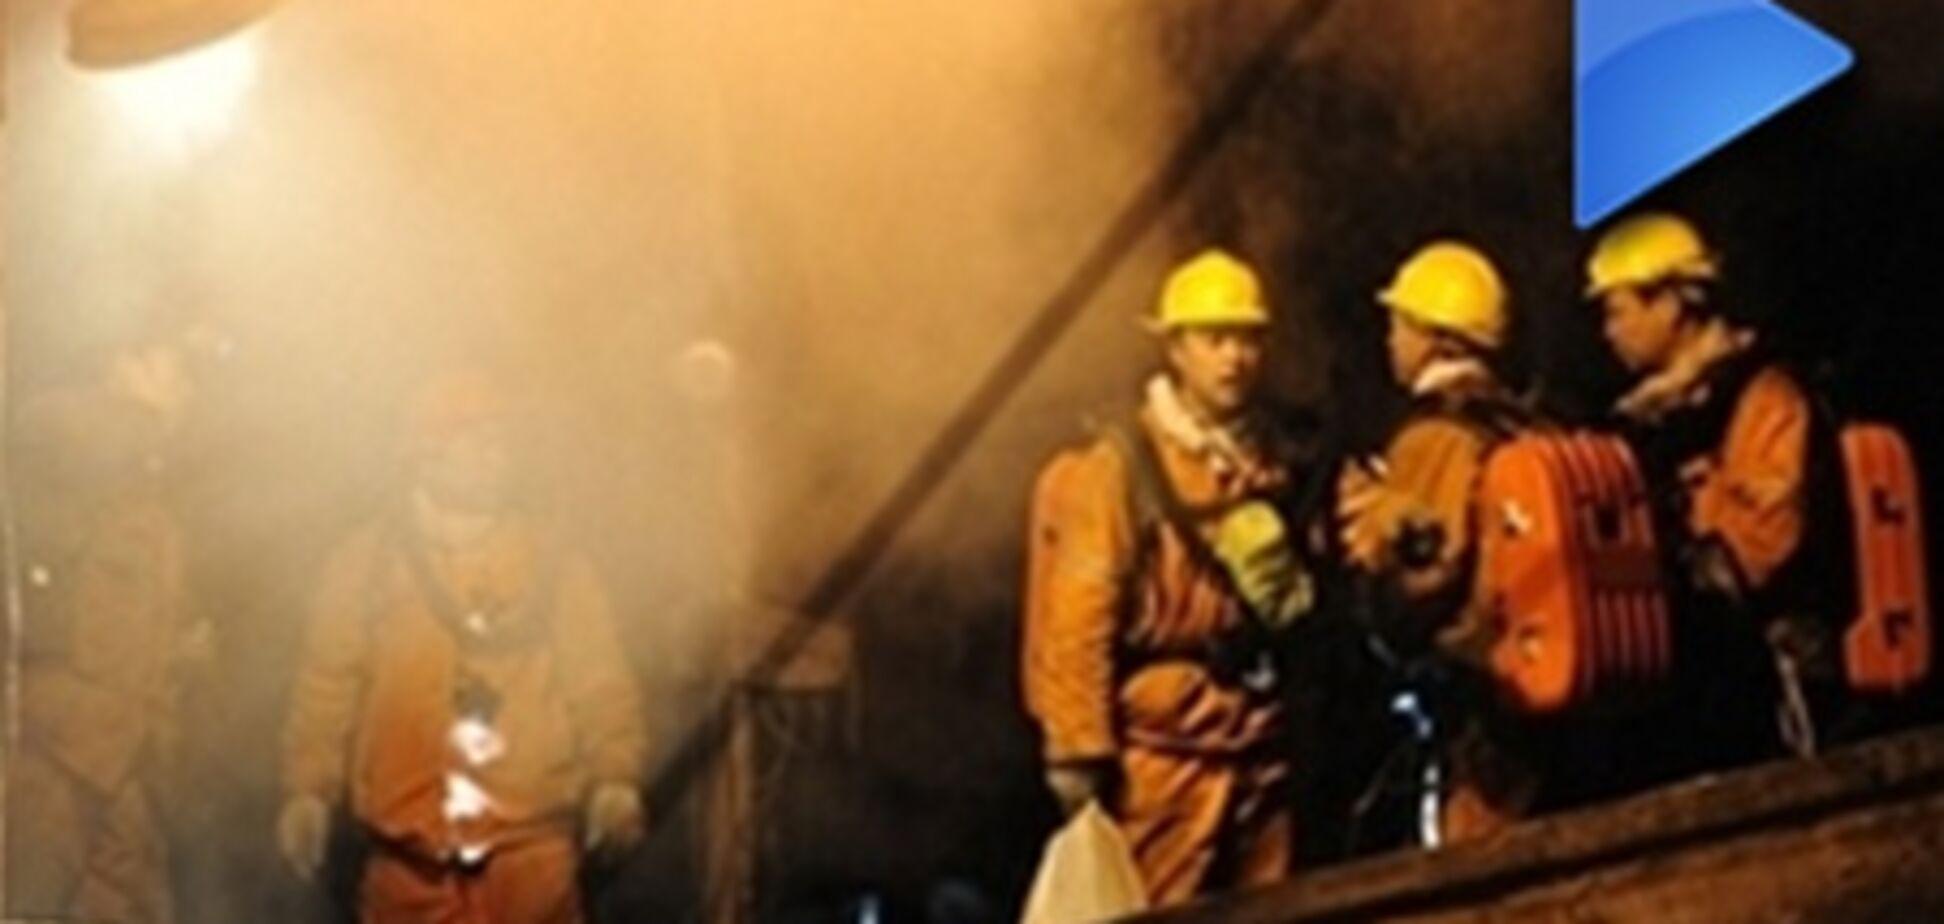 ОБОЗ.TV: взрыв на шахте в городе Суходольск Луганской области